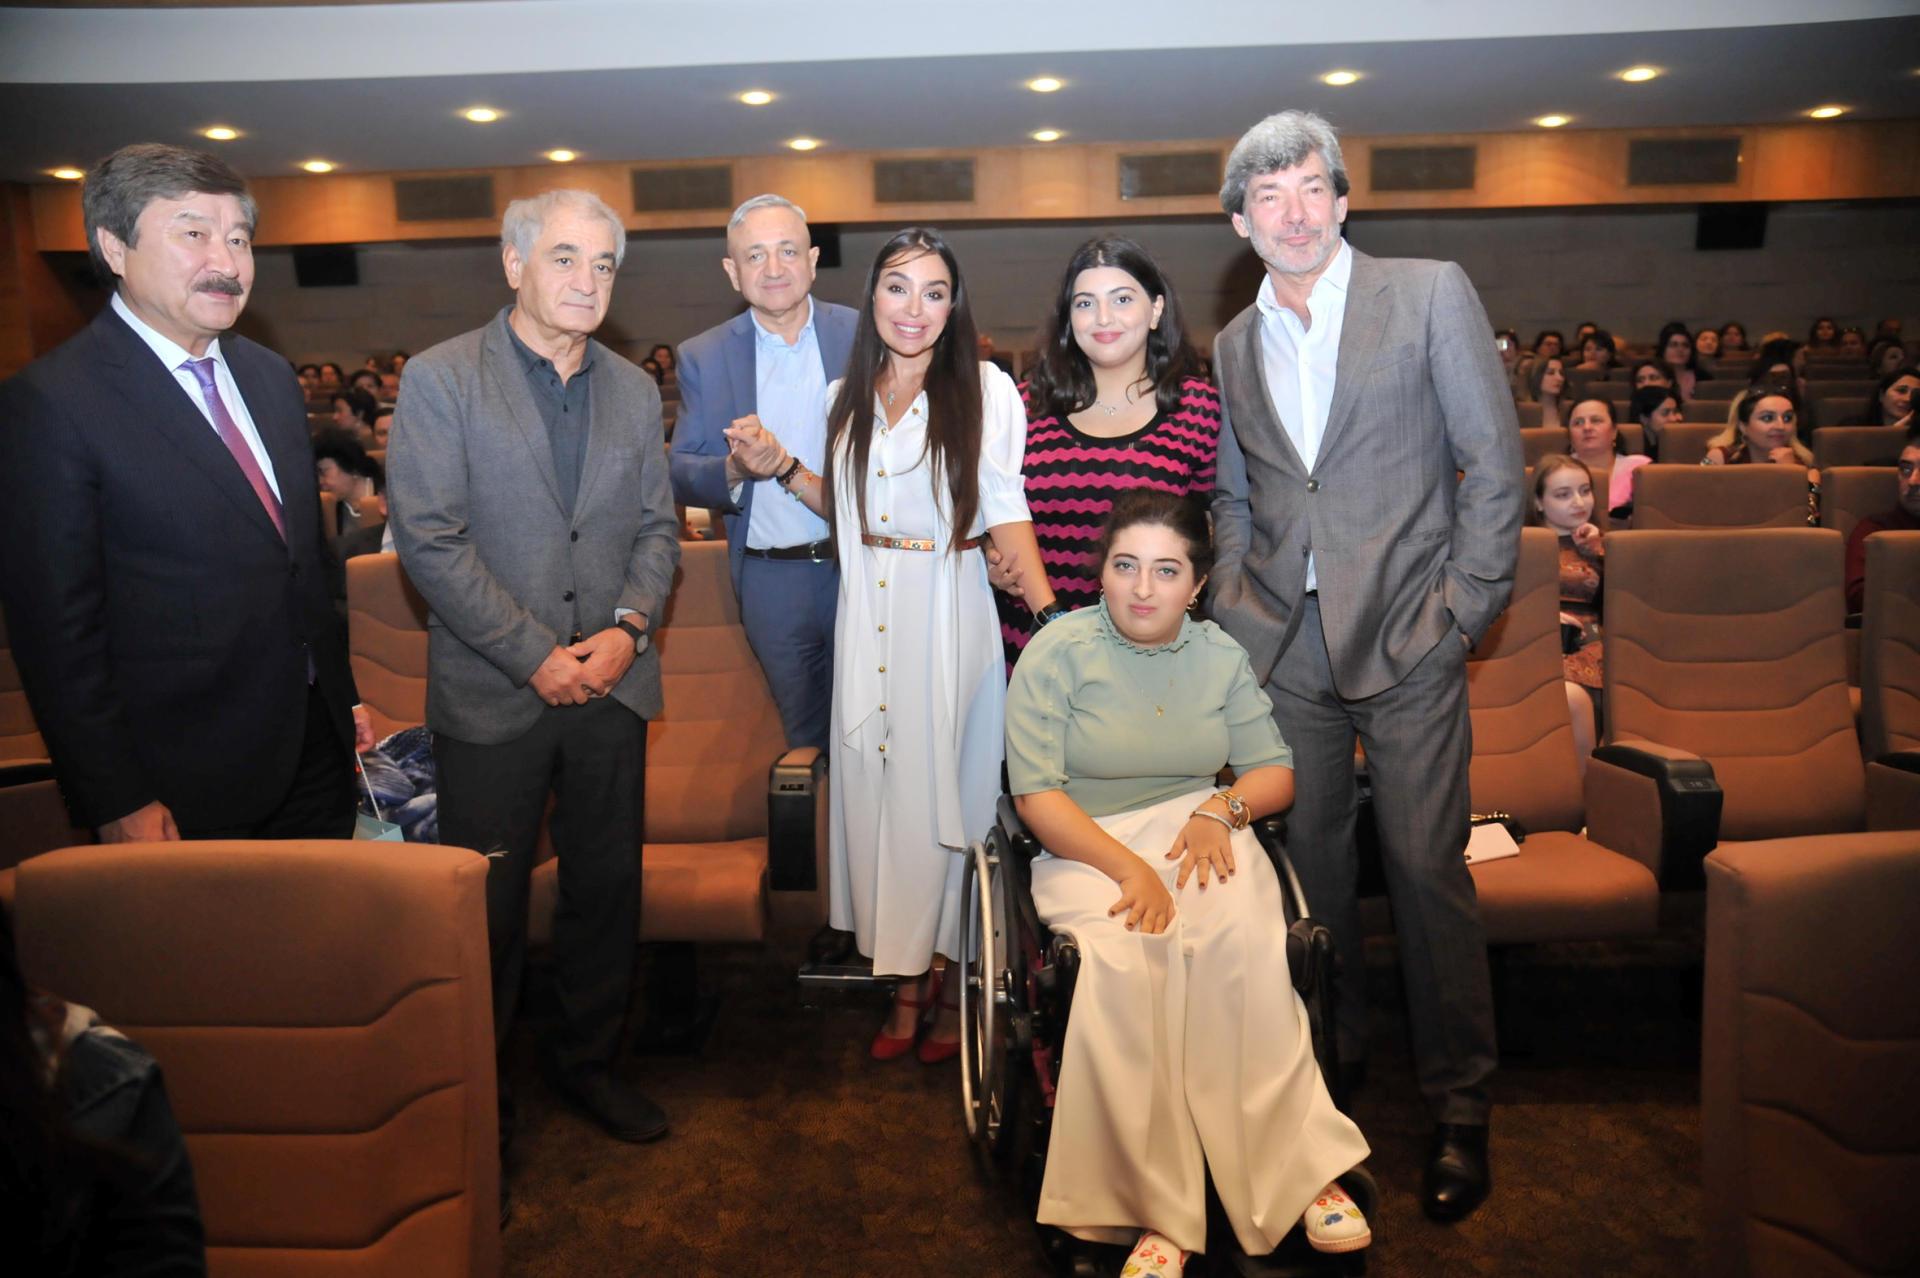 Лейла Алиева приняла участие в показе фильма, посвященного памяти Андрея Дементьева